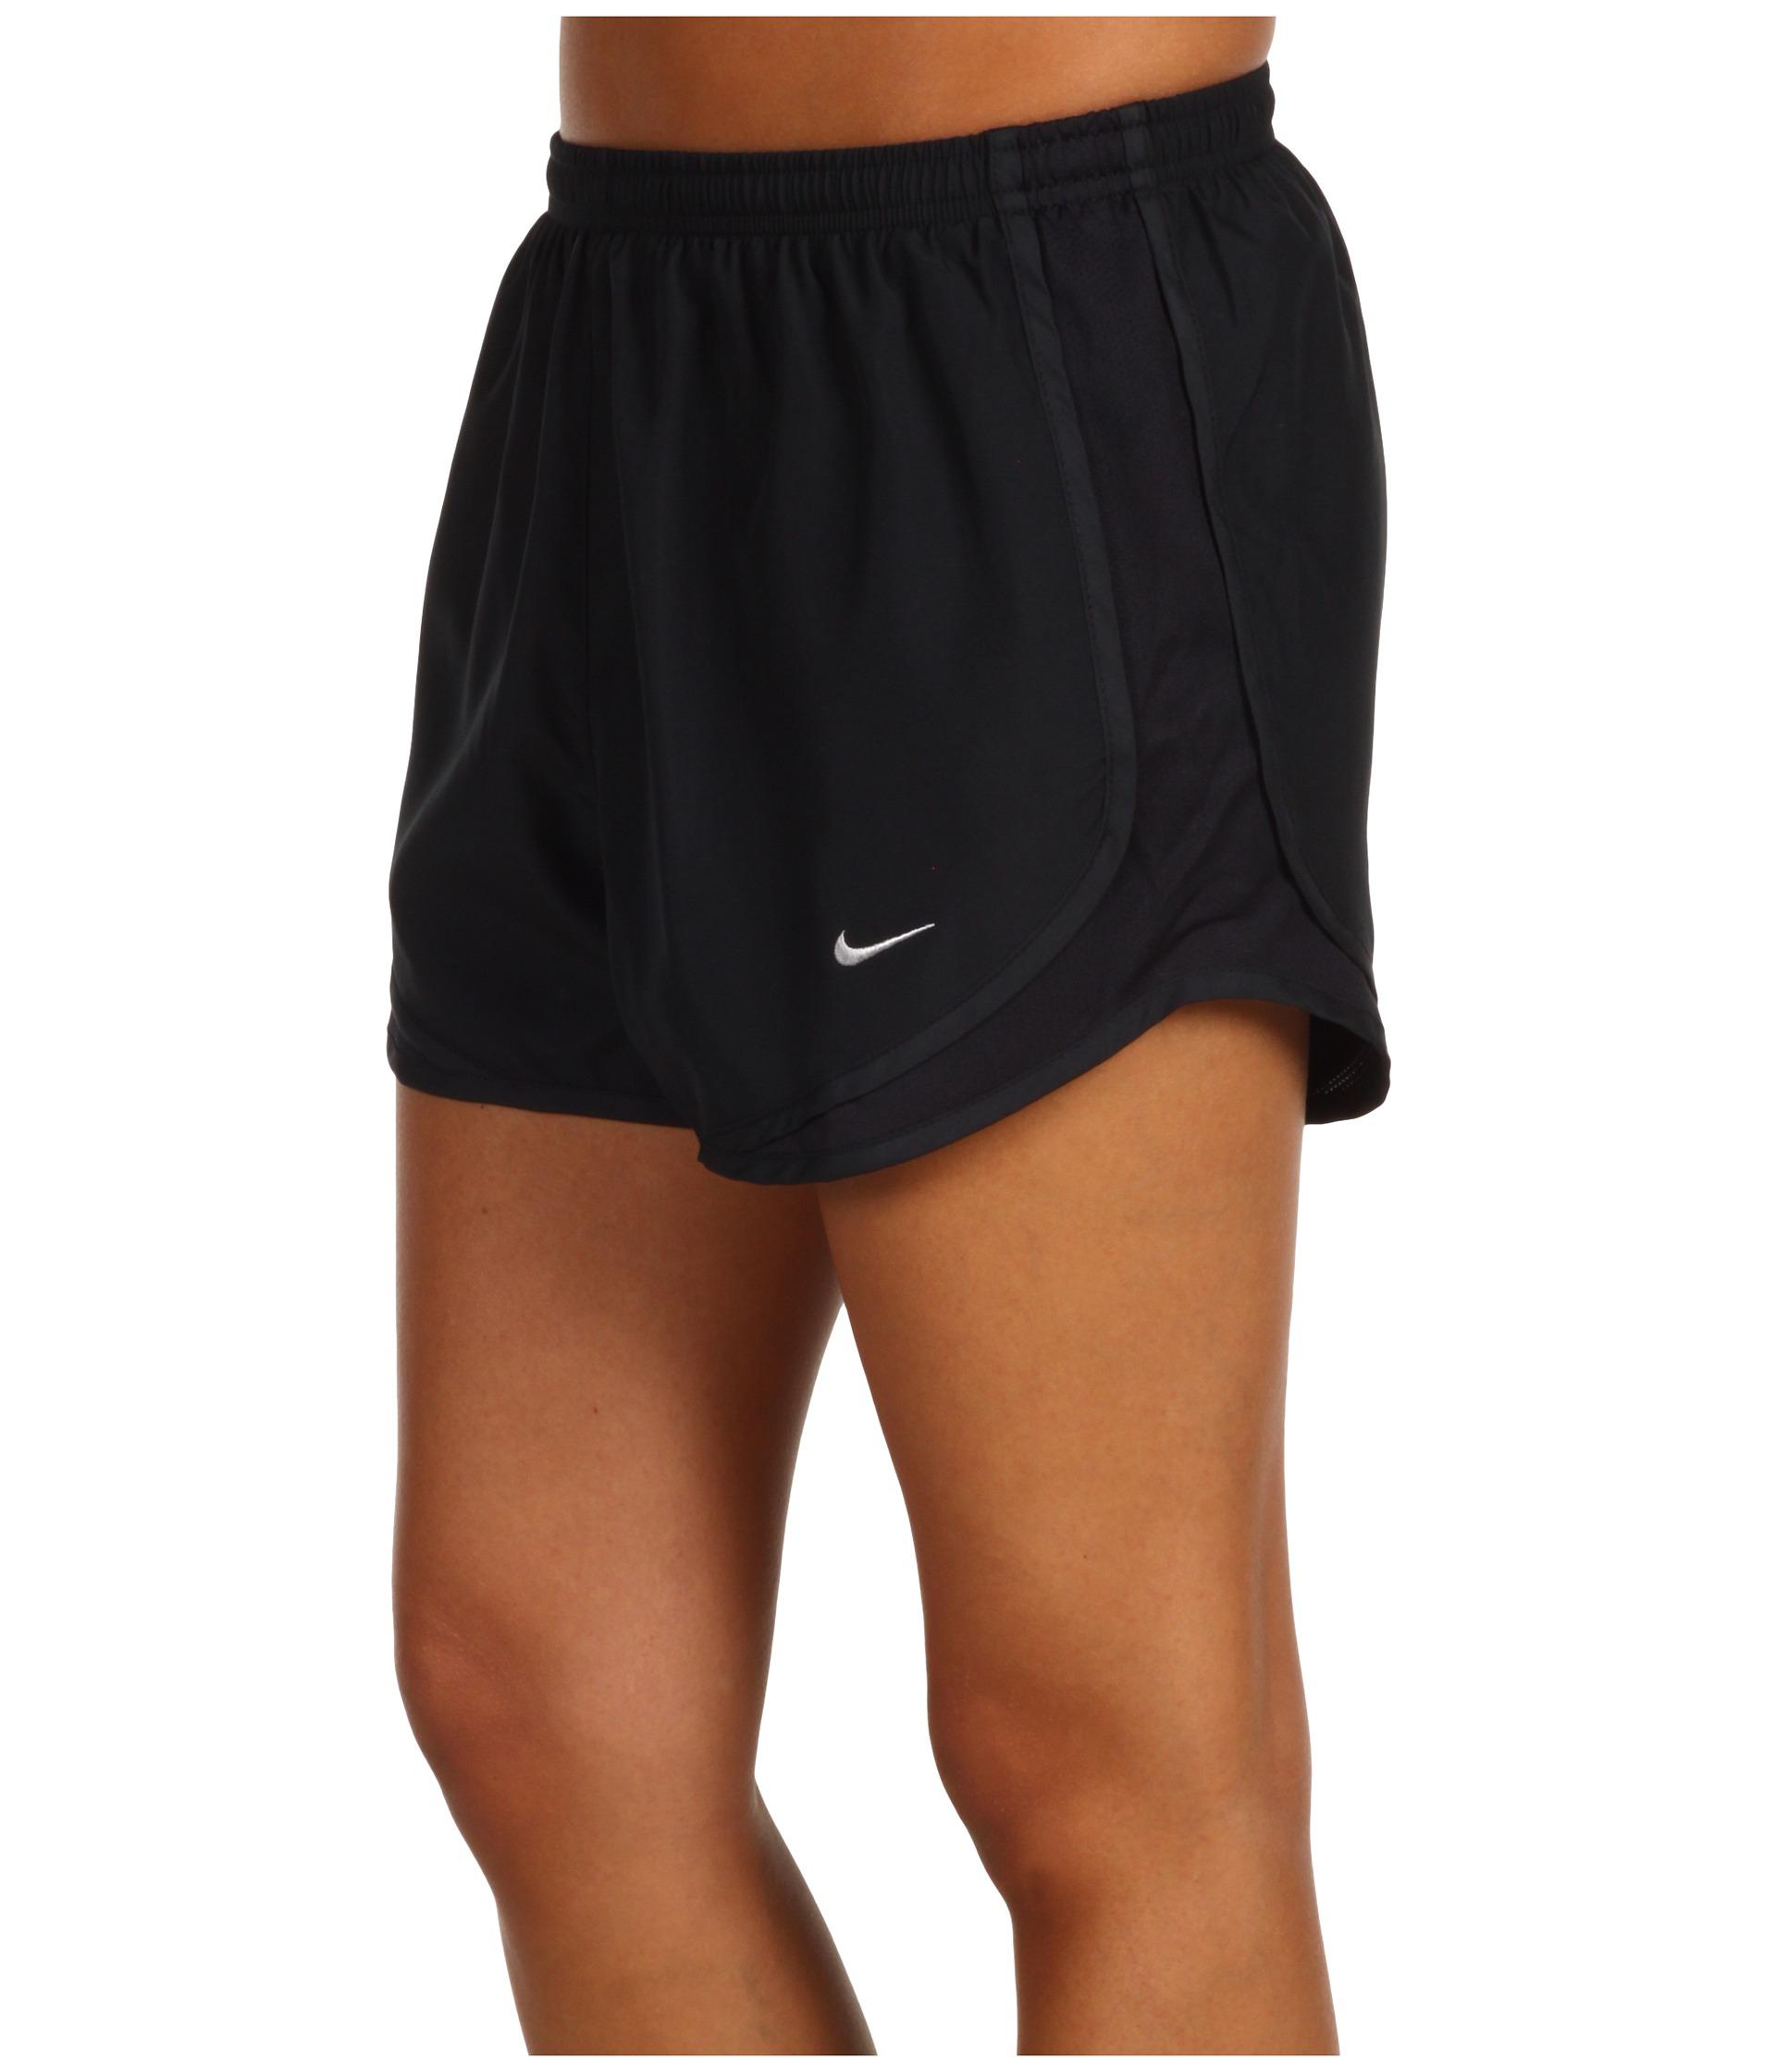 Nike Tempo Short Black Black Black Matte Silver | Shipped ...